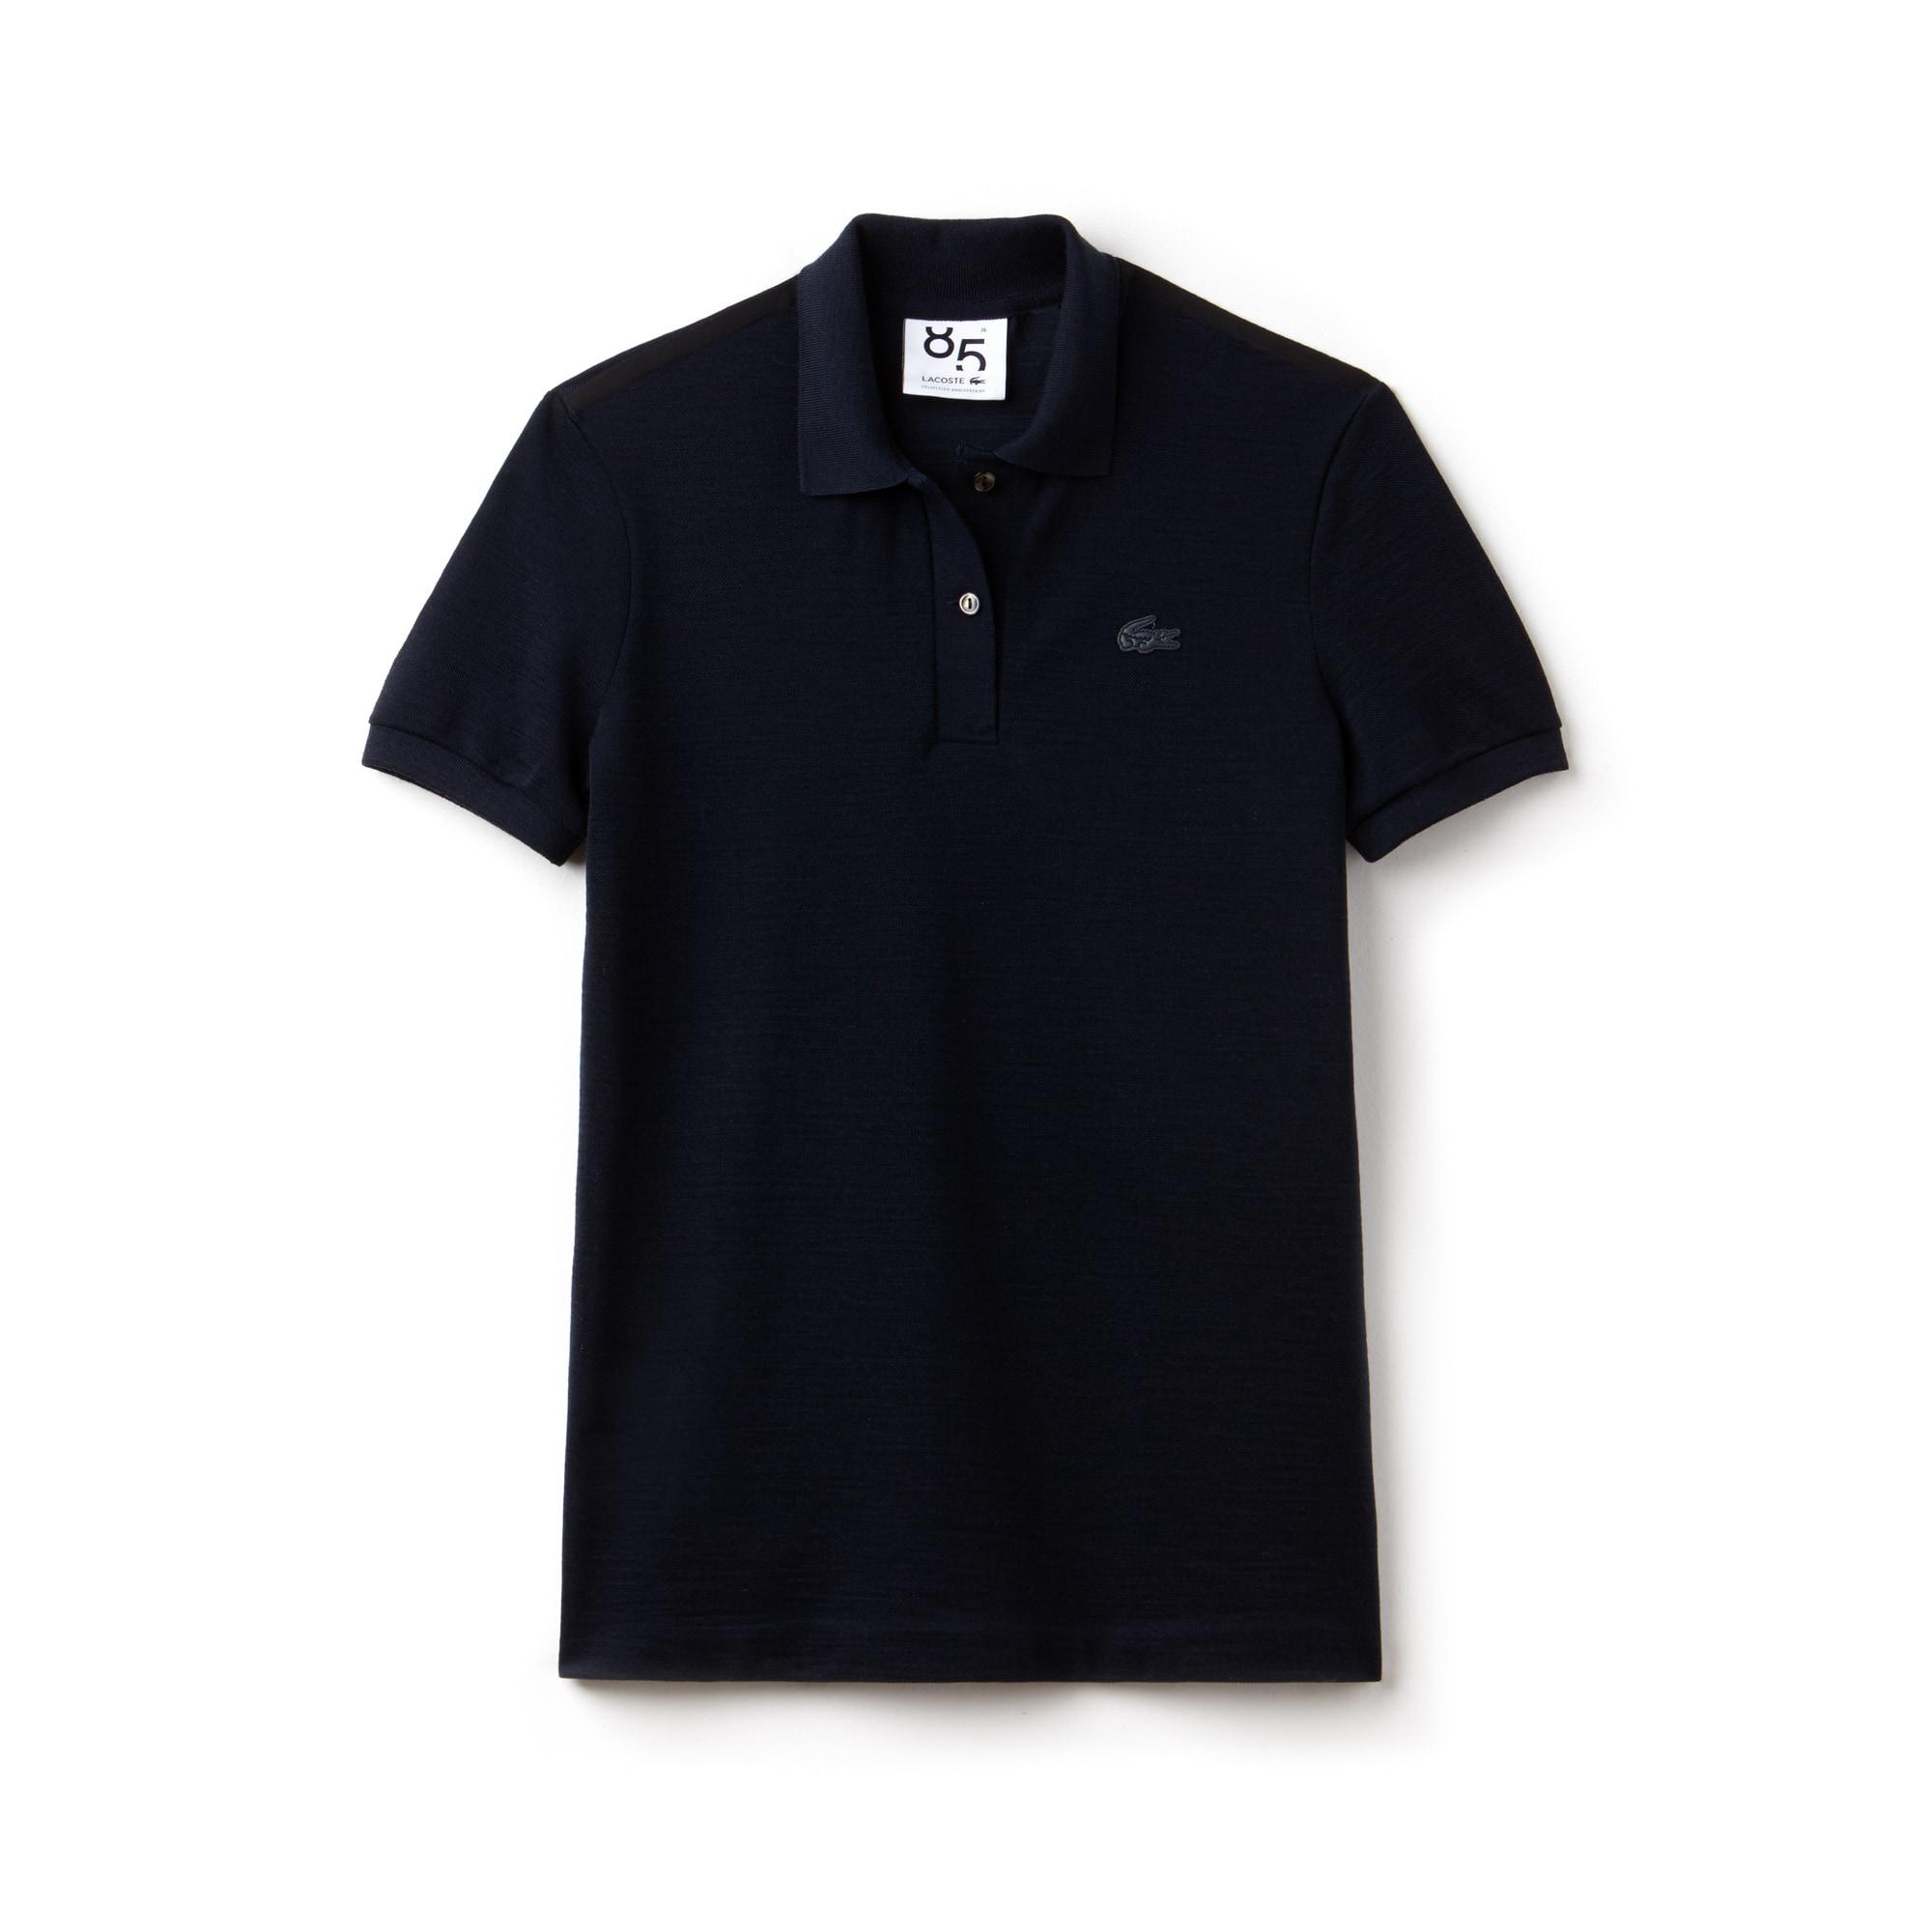 Polo classic fit Lacoste de piqué de lana Edición Limitada Aniversario 85 años